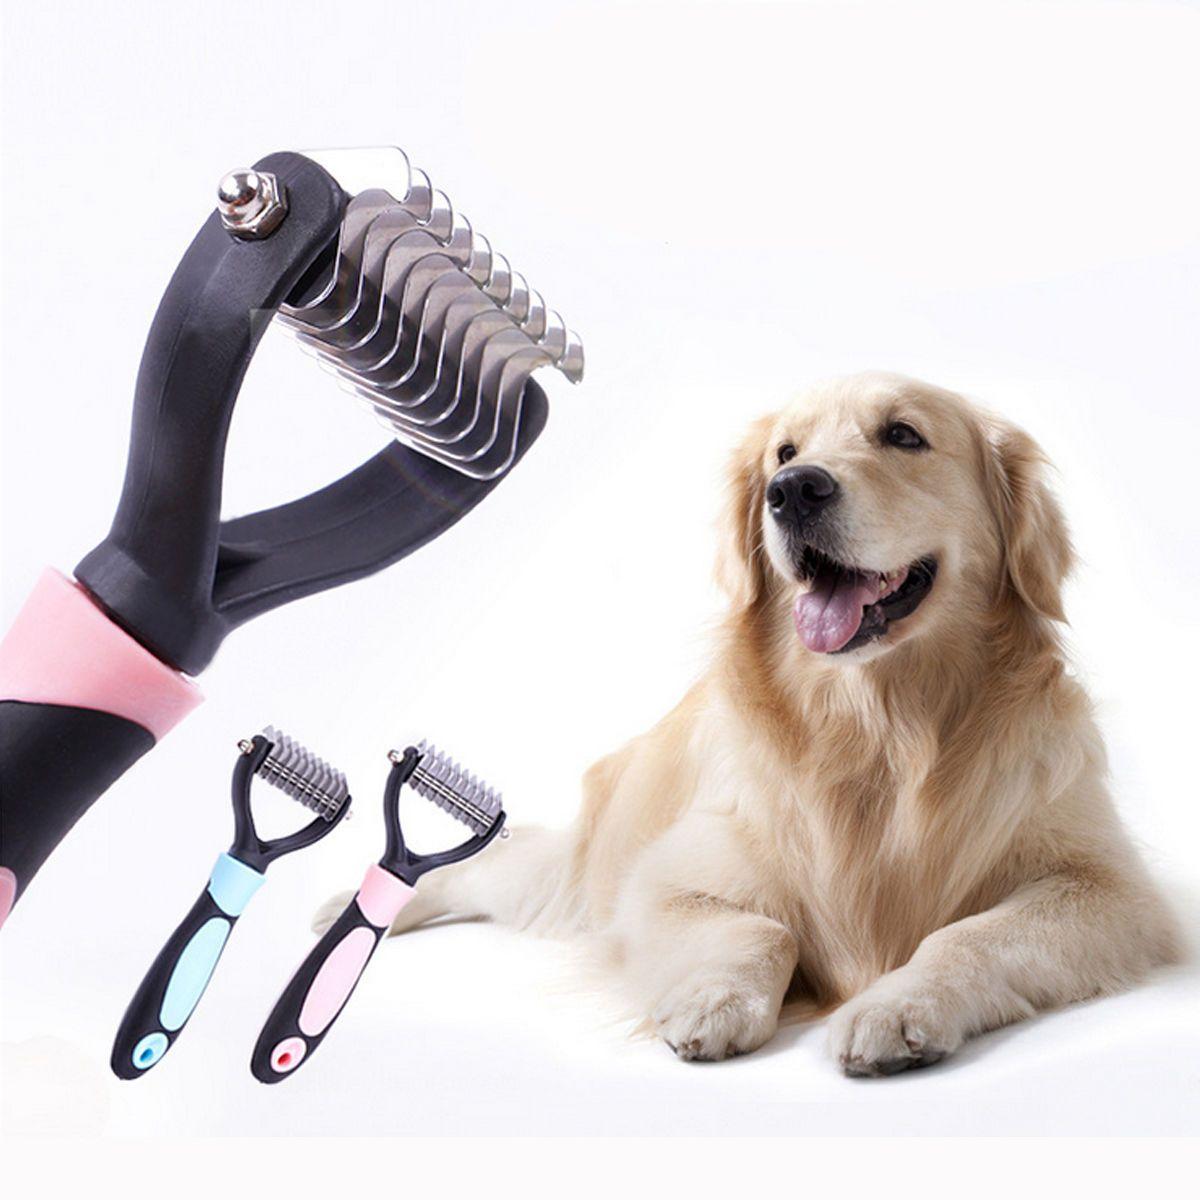 Pin On Dog Salon